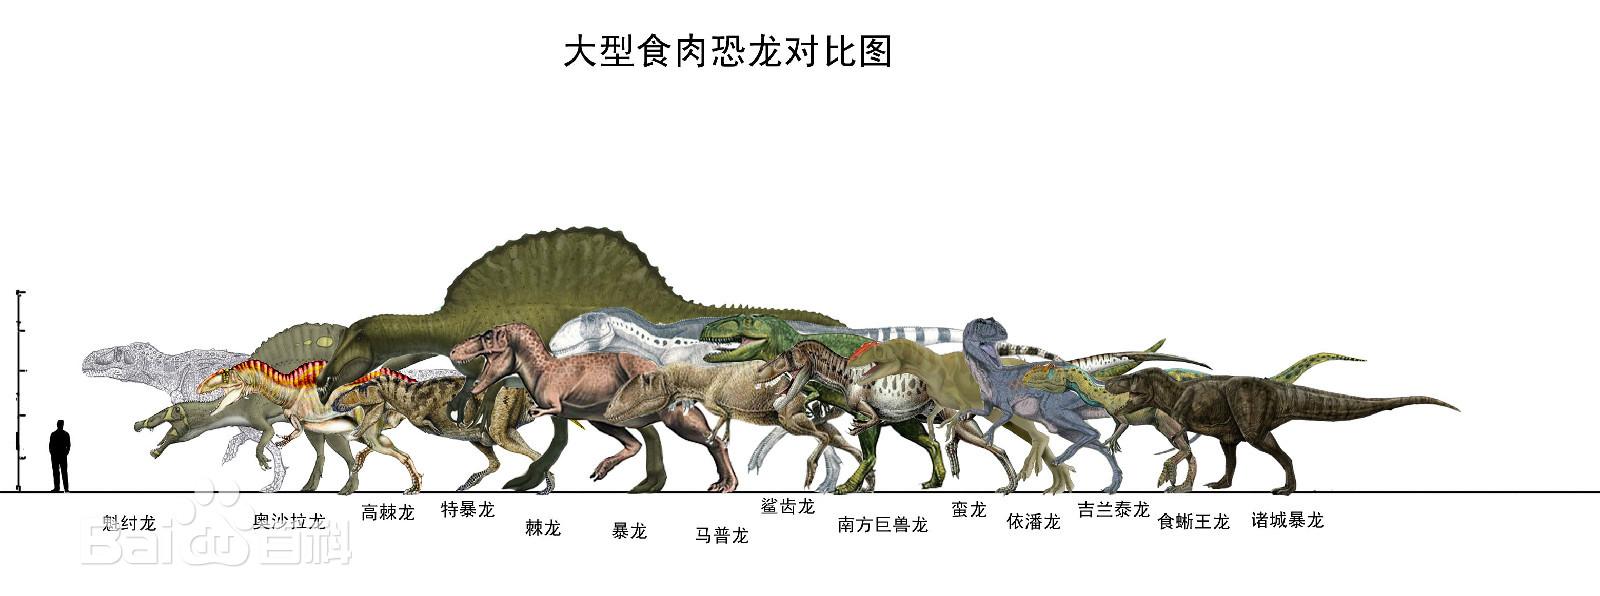 十大肉食恐龙图片 百度百科